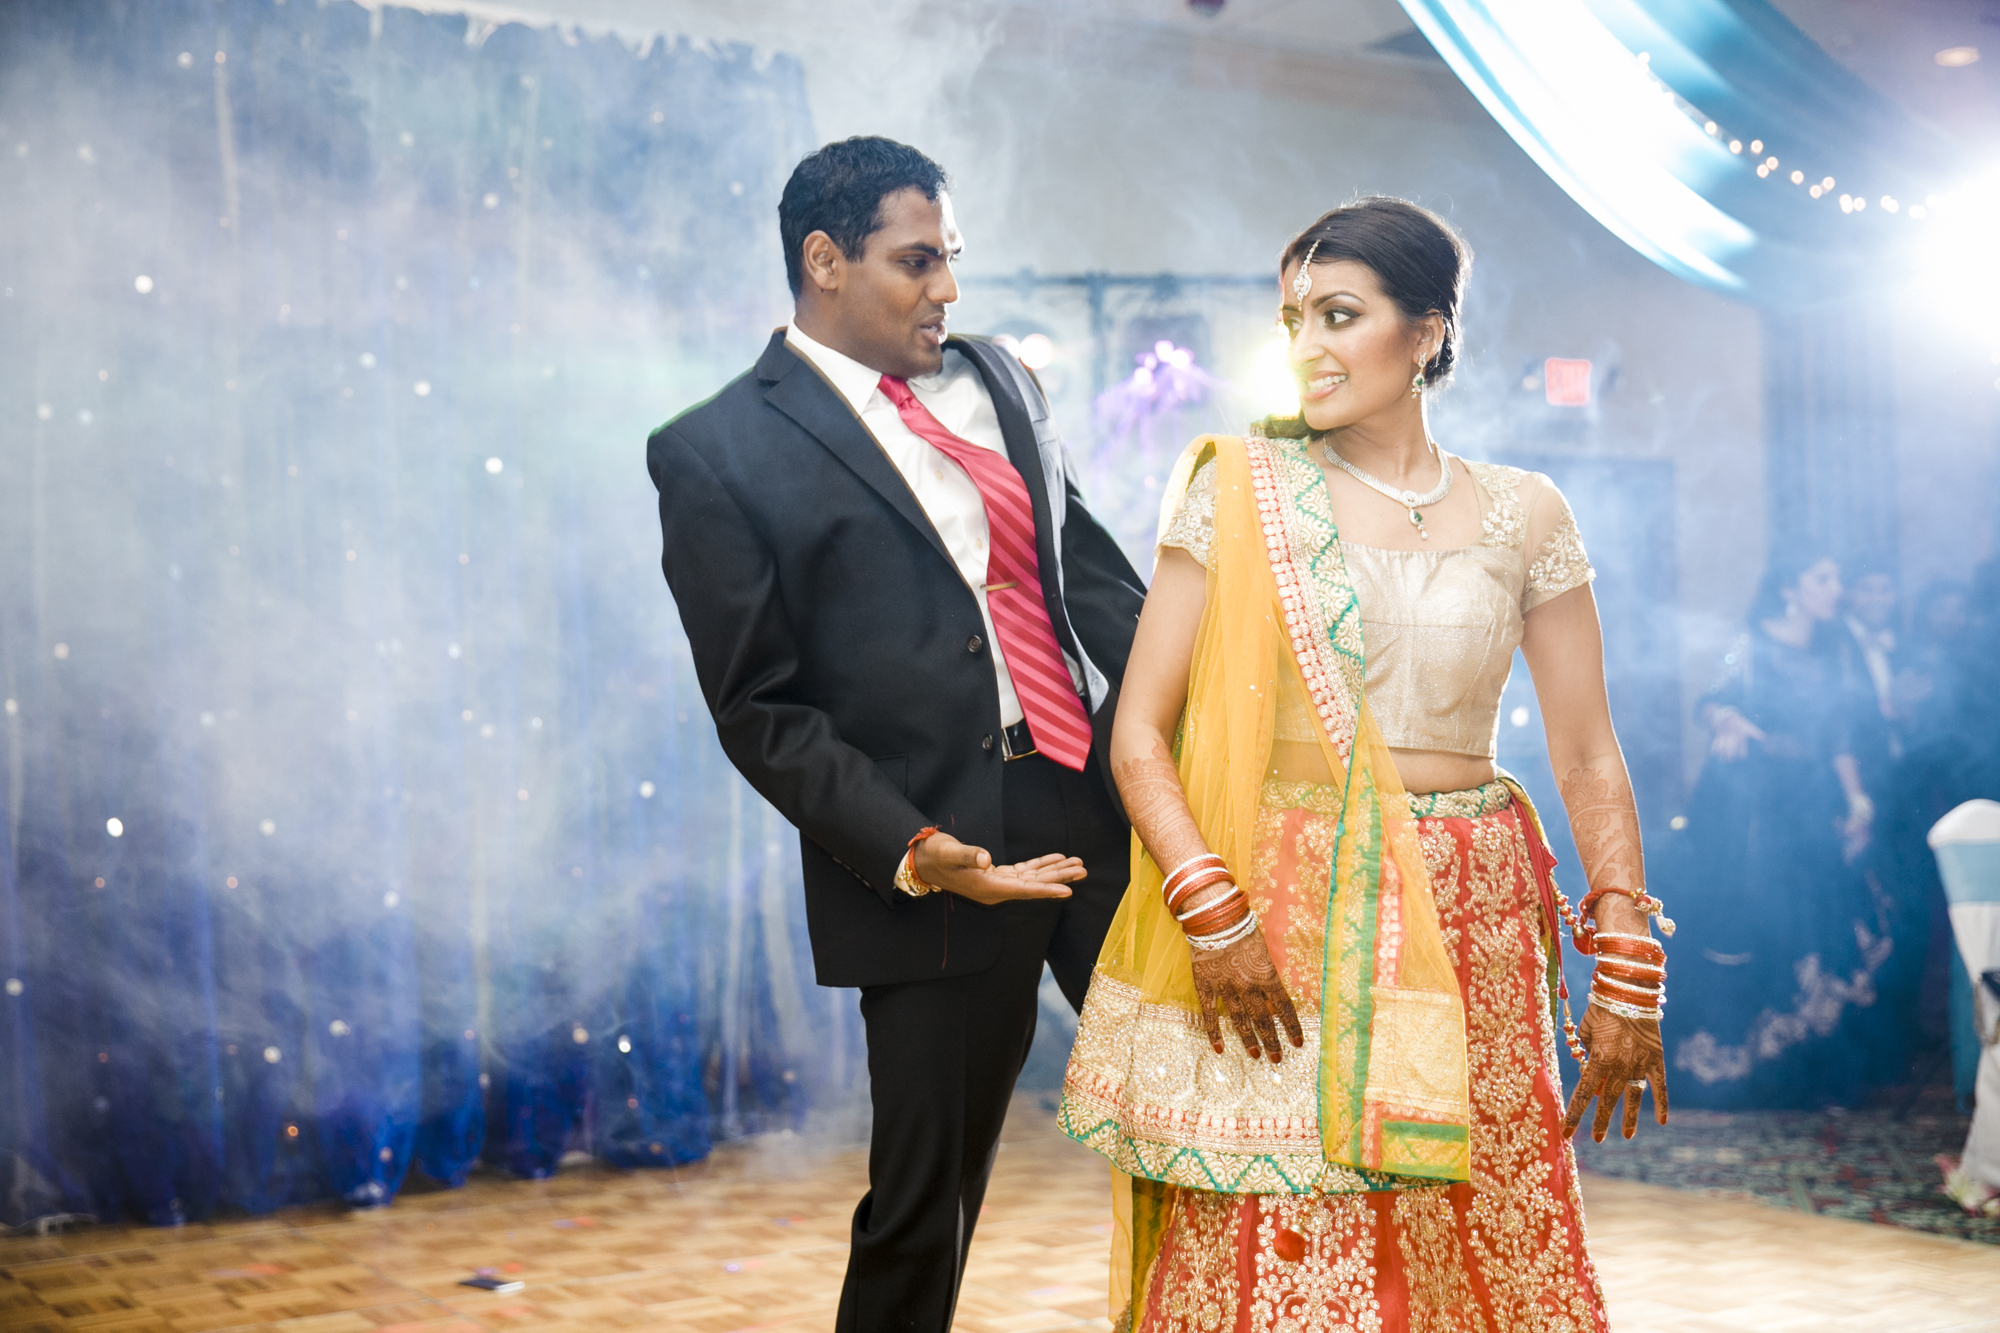 Bloomington_Hindu_Wedding_0049.jpg